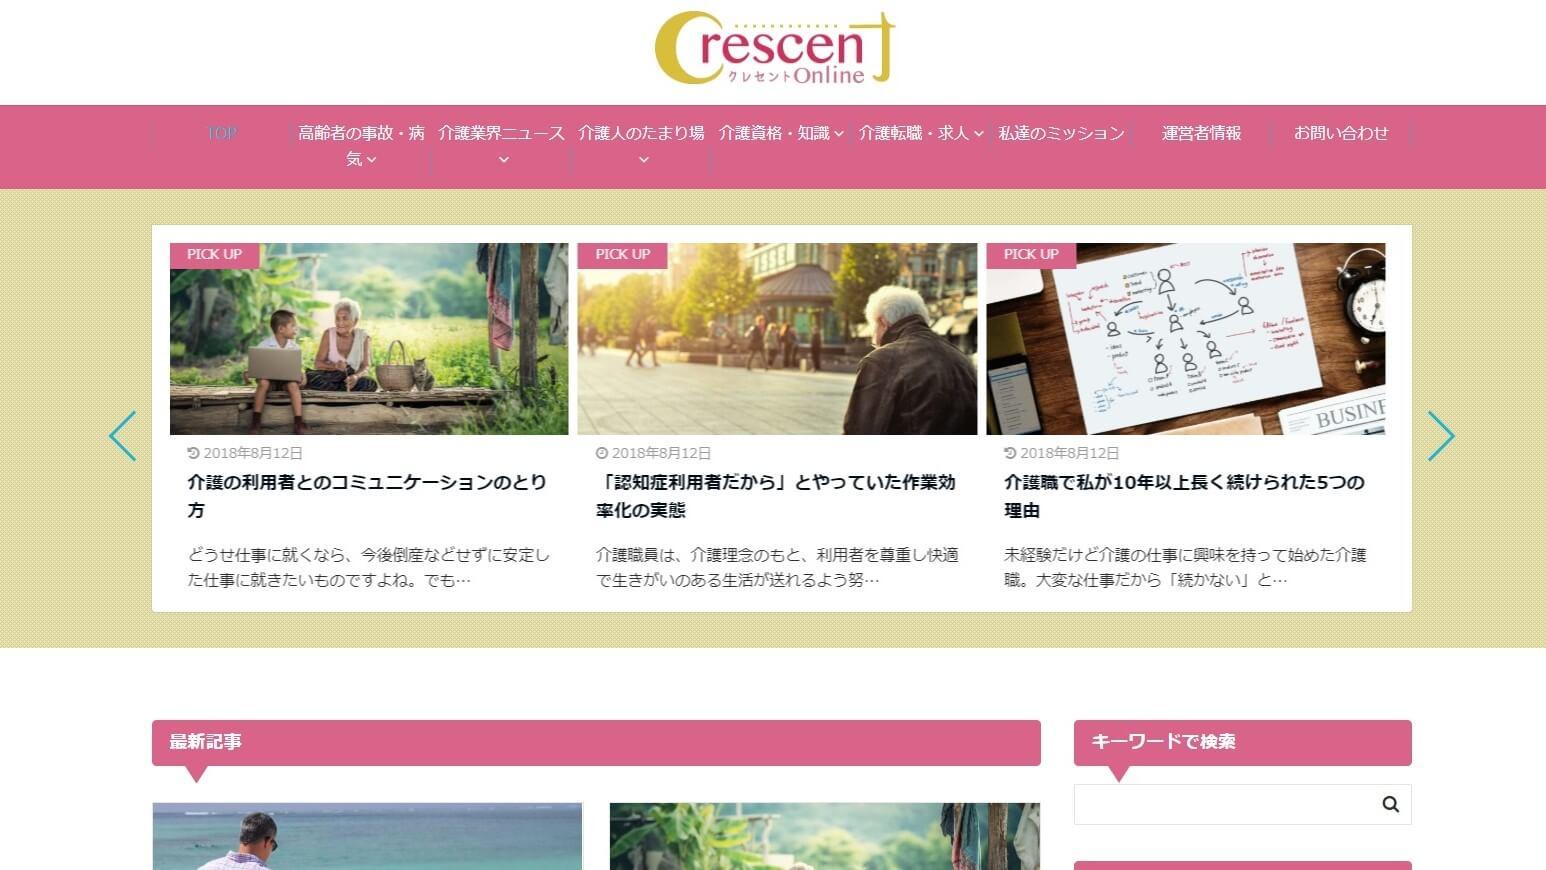 Crescent Online